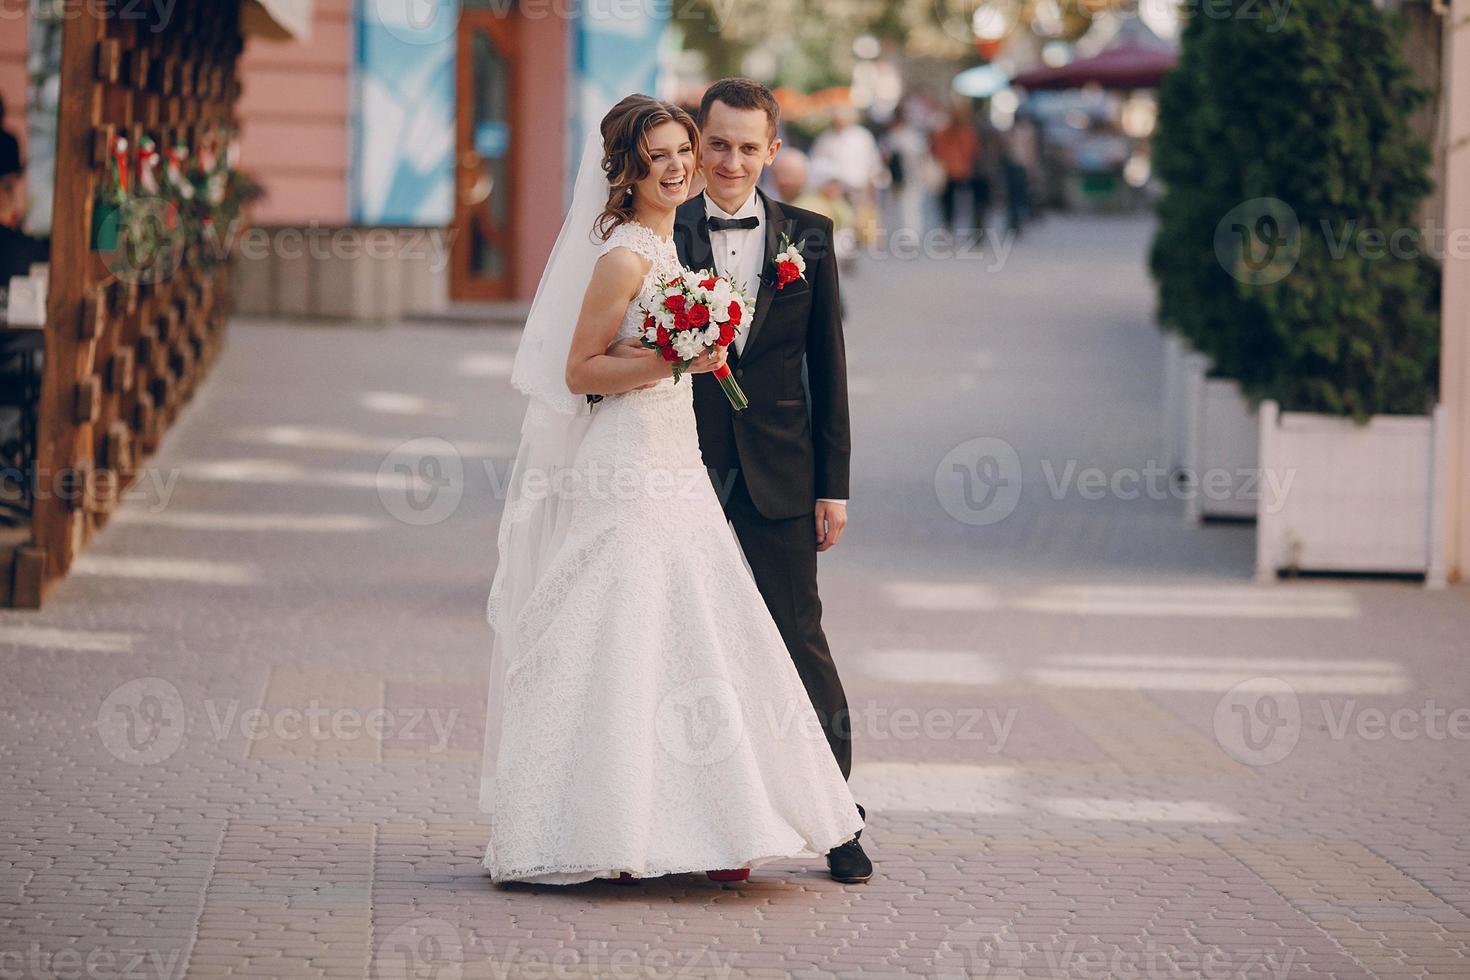 jour du mariage beau couple photo